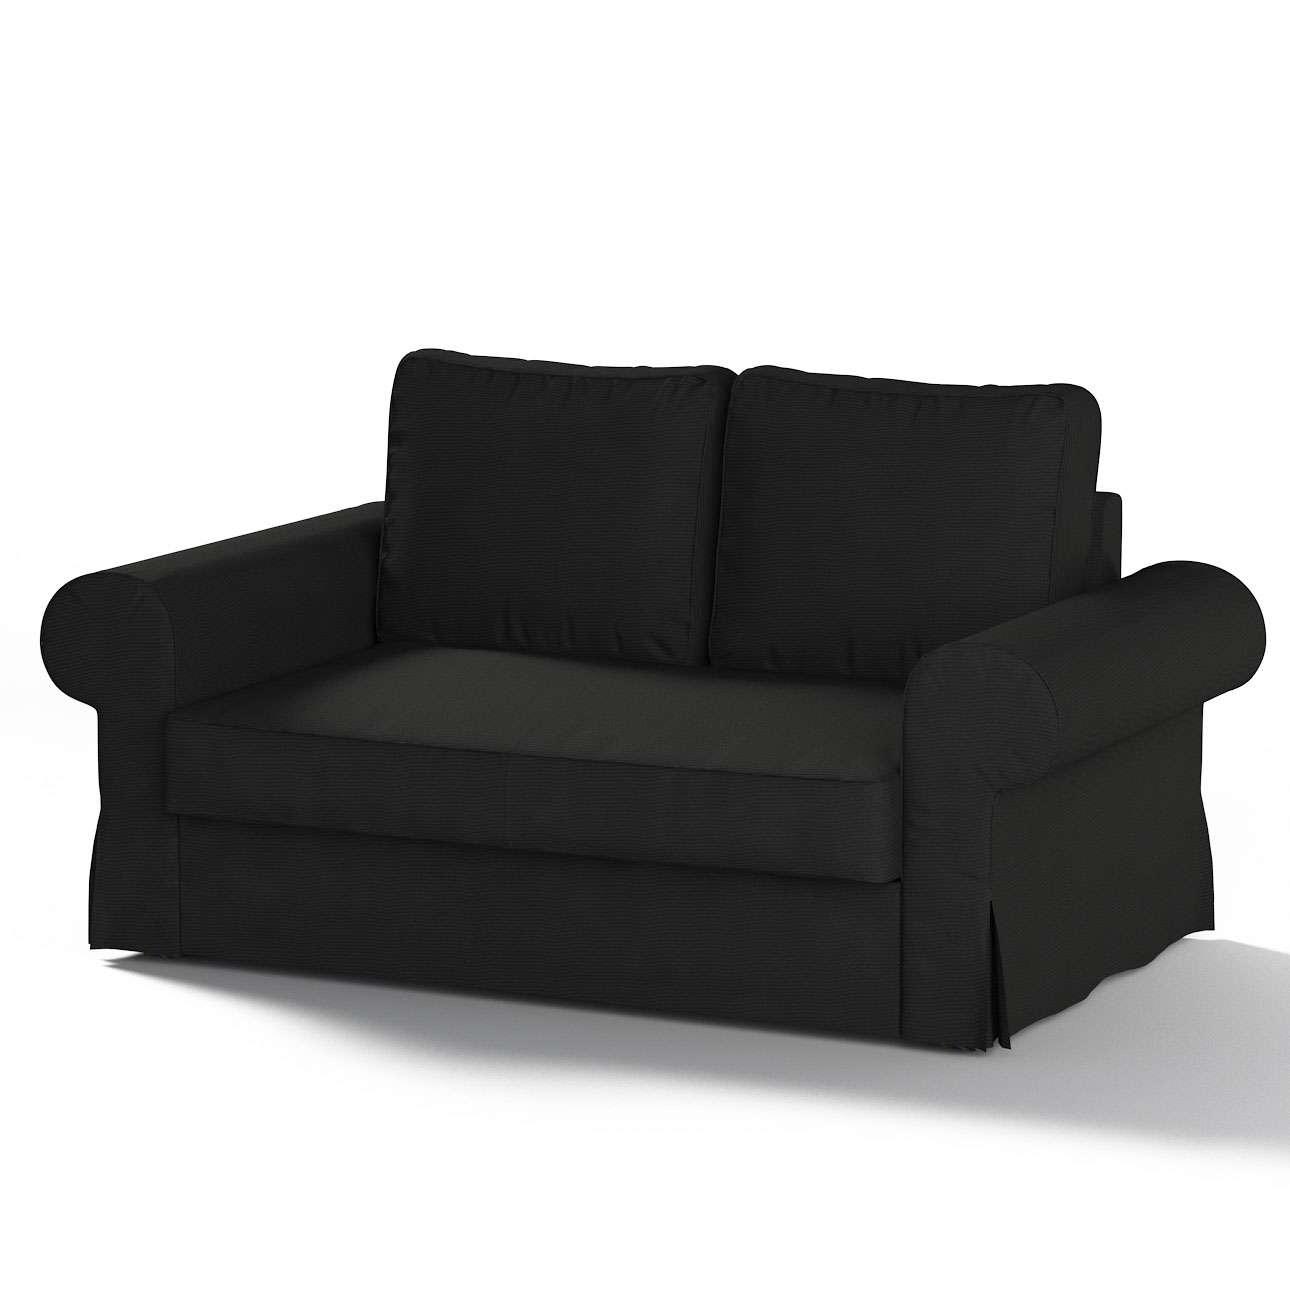 Bezug für Backabro 2-Sitzer Sofa ausklappbar von der Kollektion Etna, Stoff: 705-00